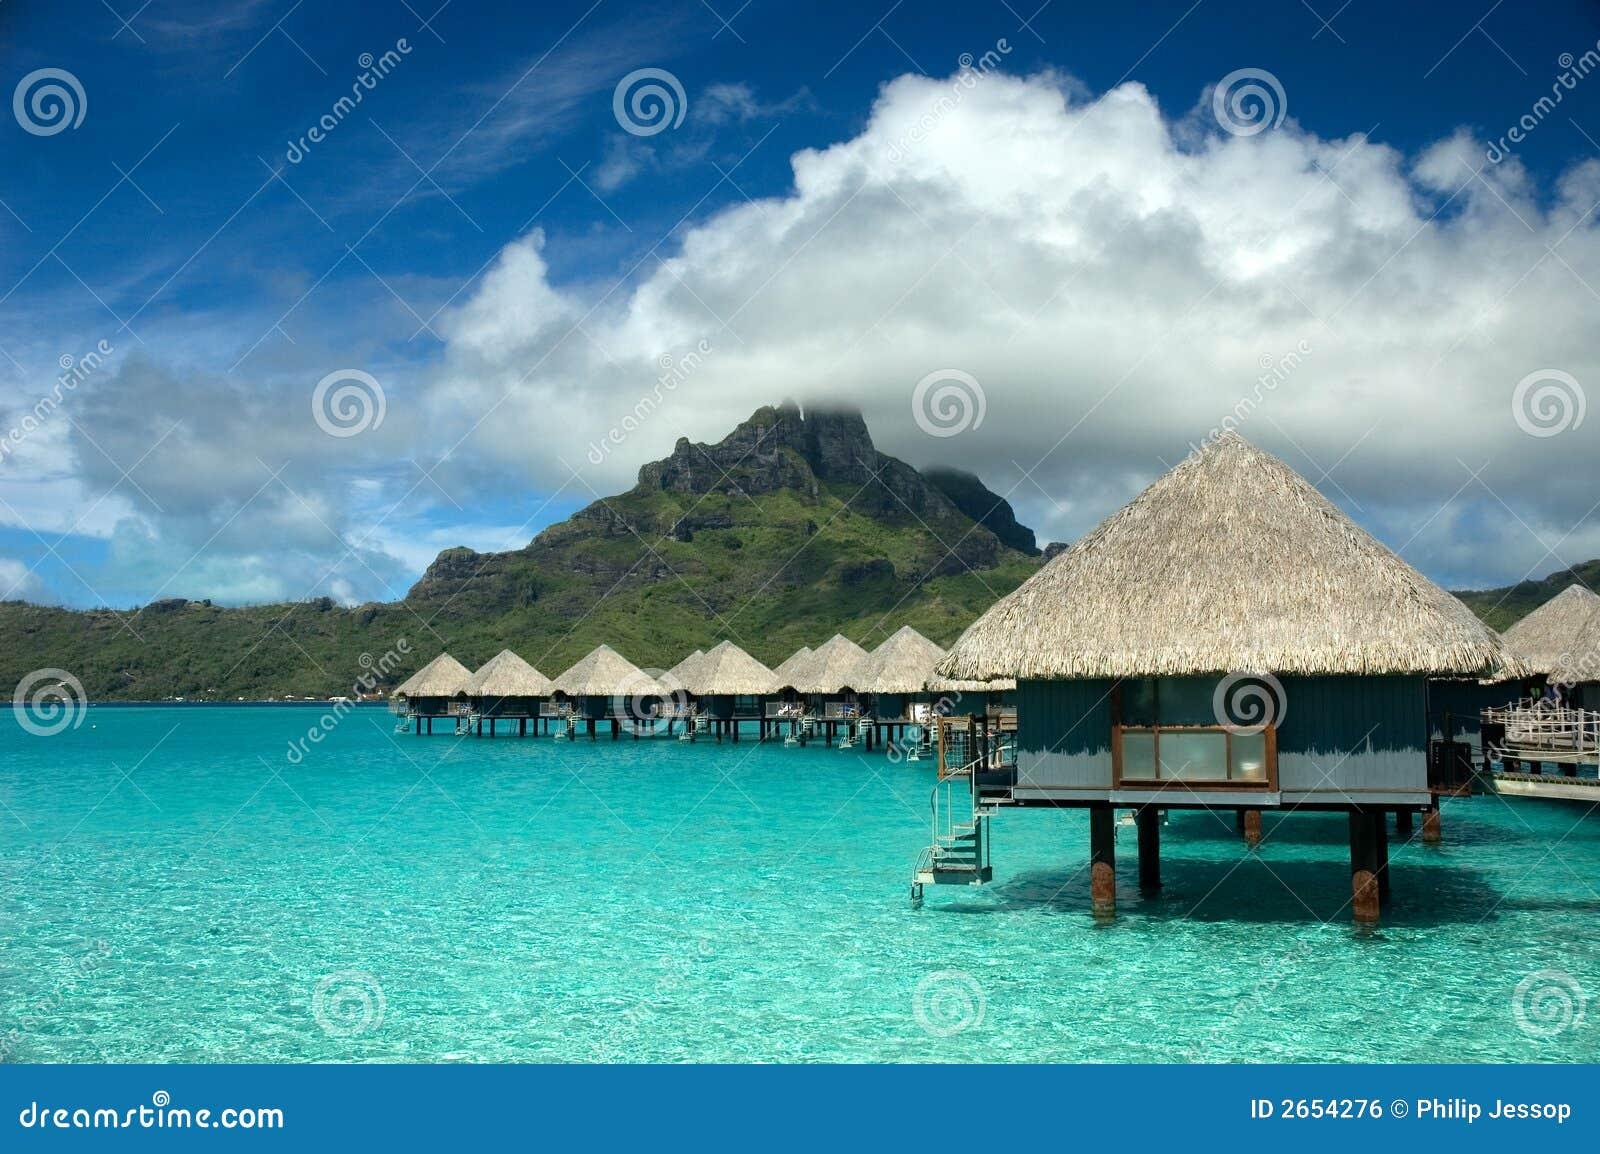 overwater bungalow at tahiti stock photo